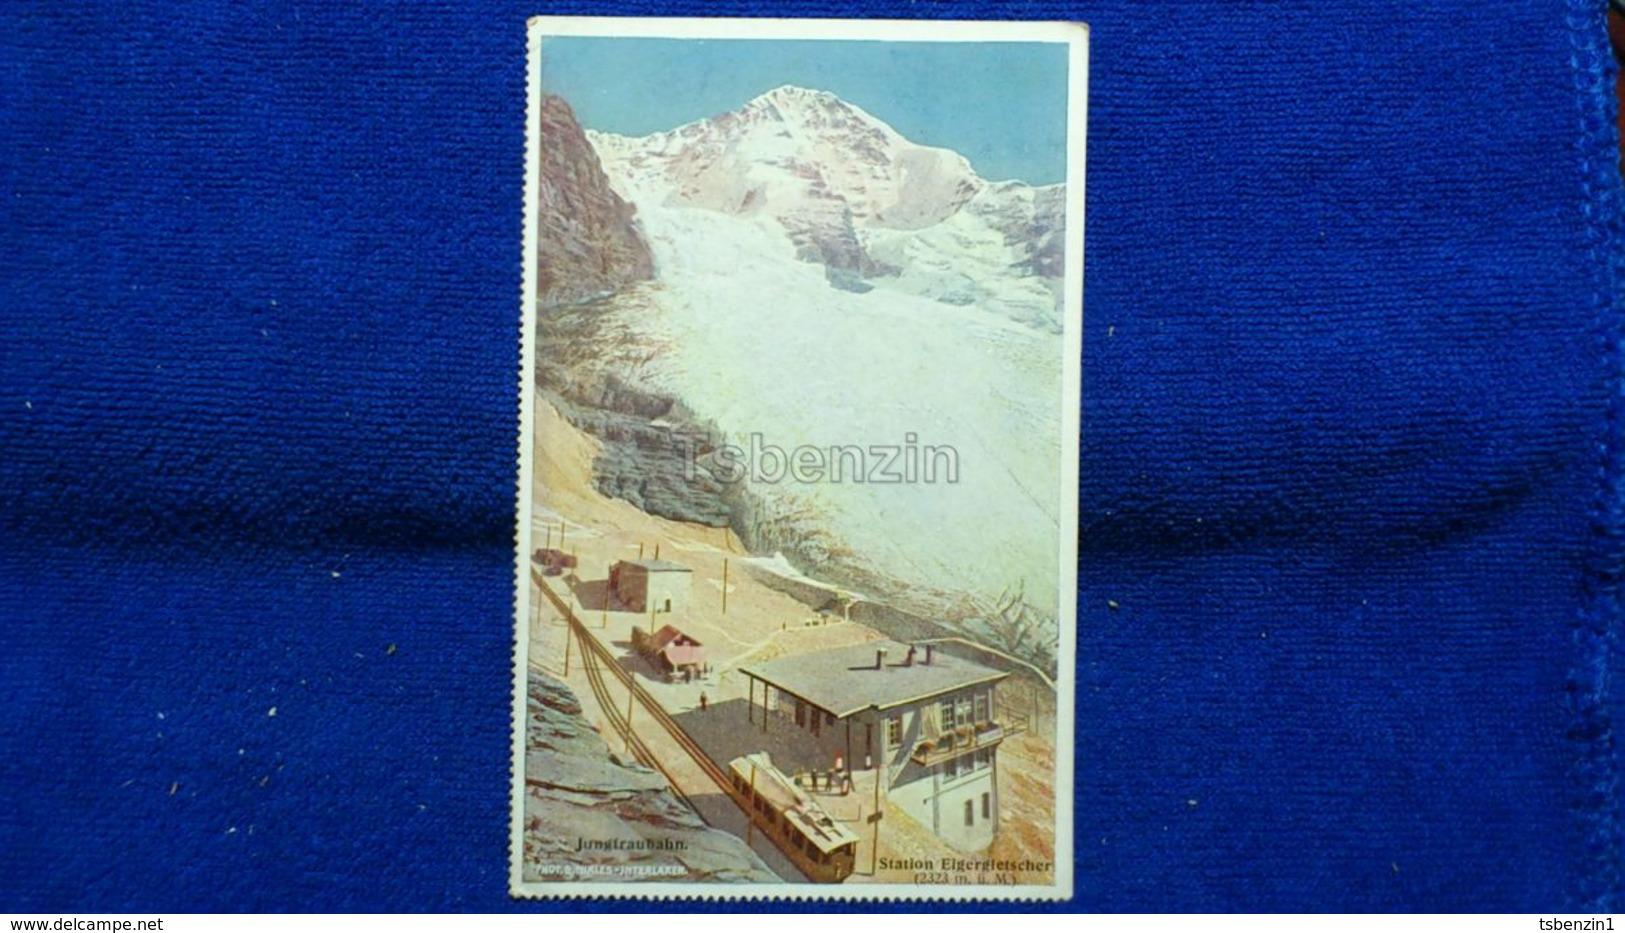 Jungfraubahn Station Eigergletscher Switzerland - BE Berne